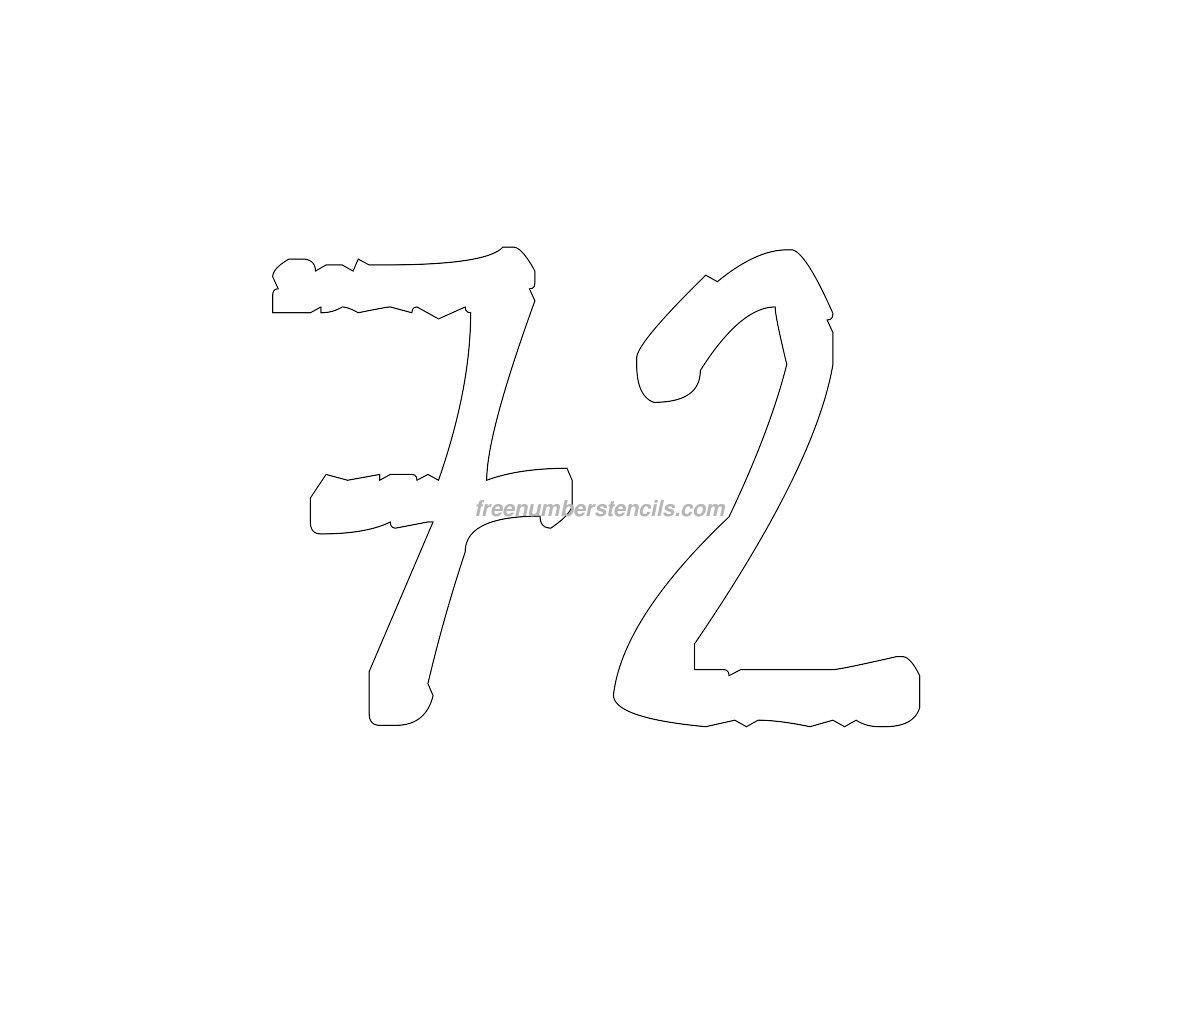 Free Rustic 72 Number Stencil - Freenumberstencils.com